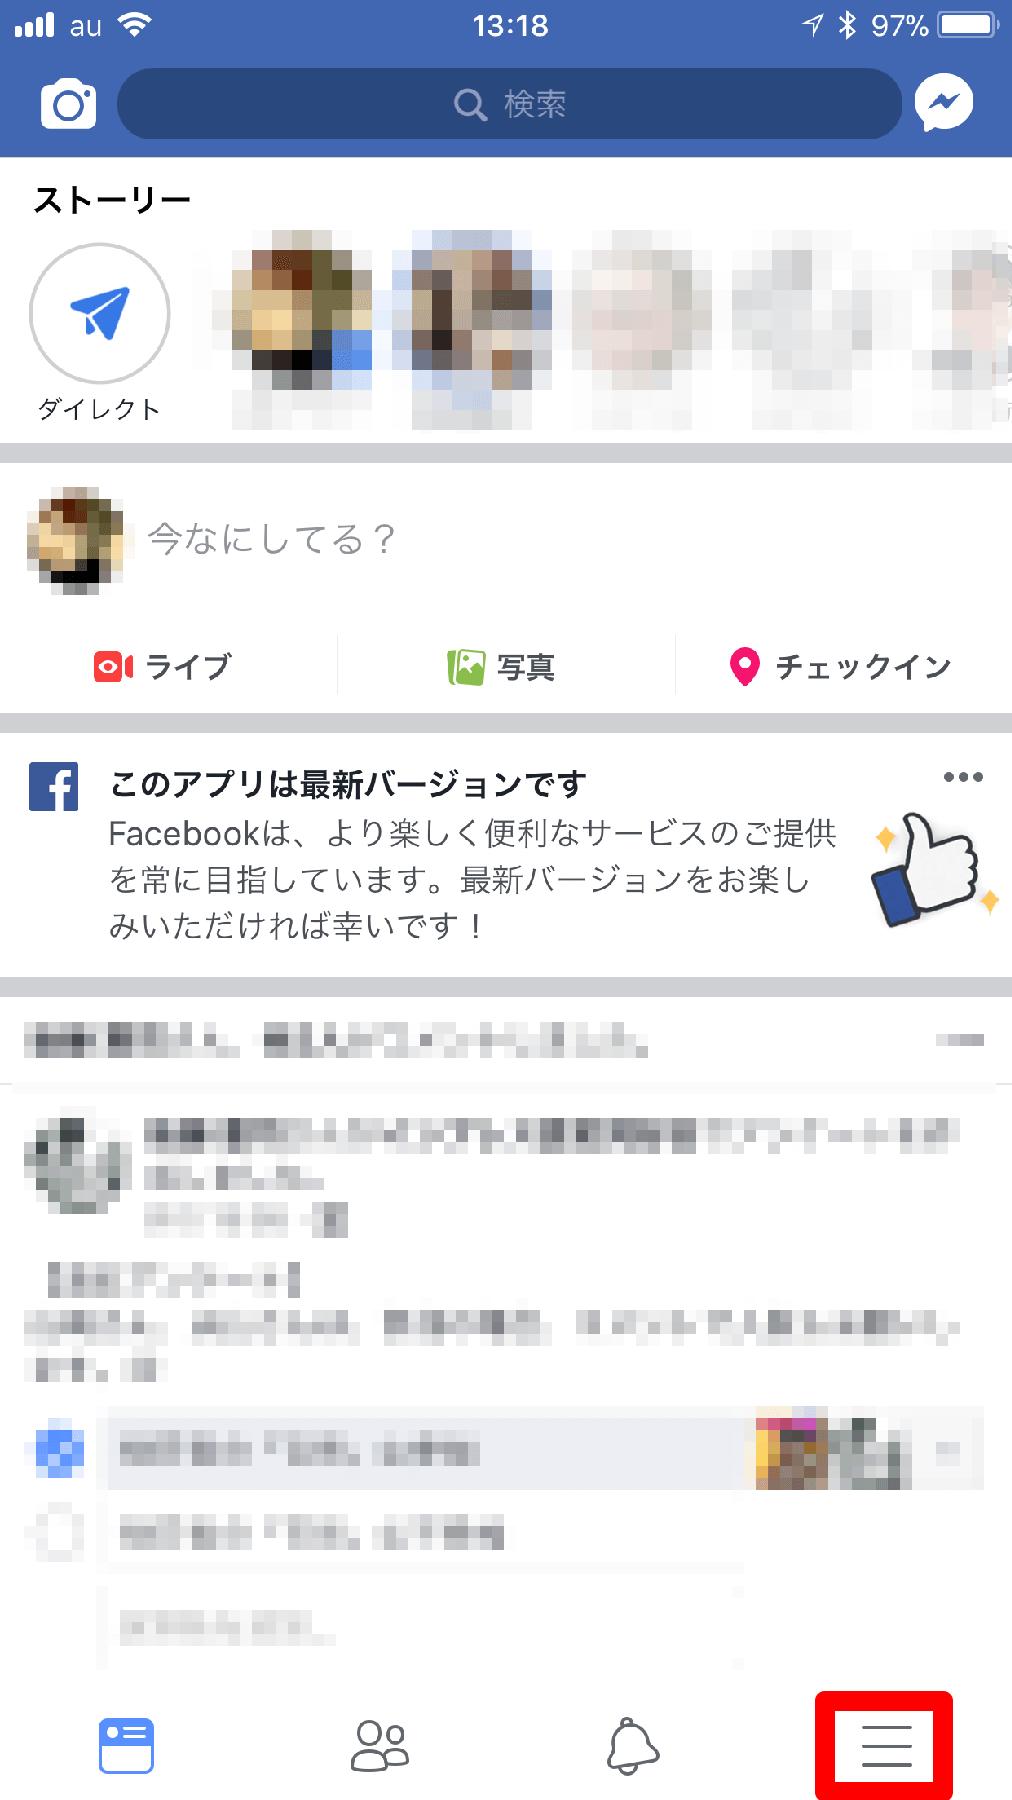 iPhone版(アイフォン版)Facebook(フェースブック)アプリのトップページ